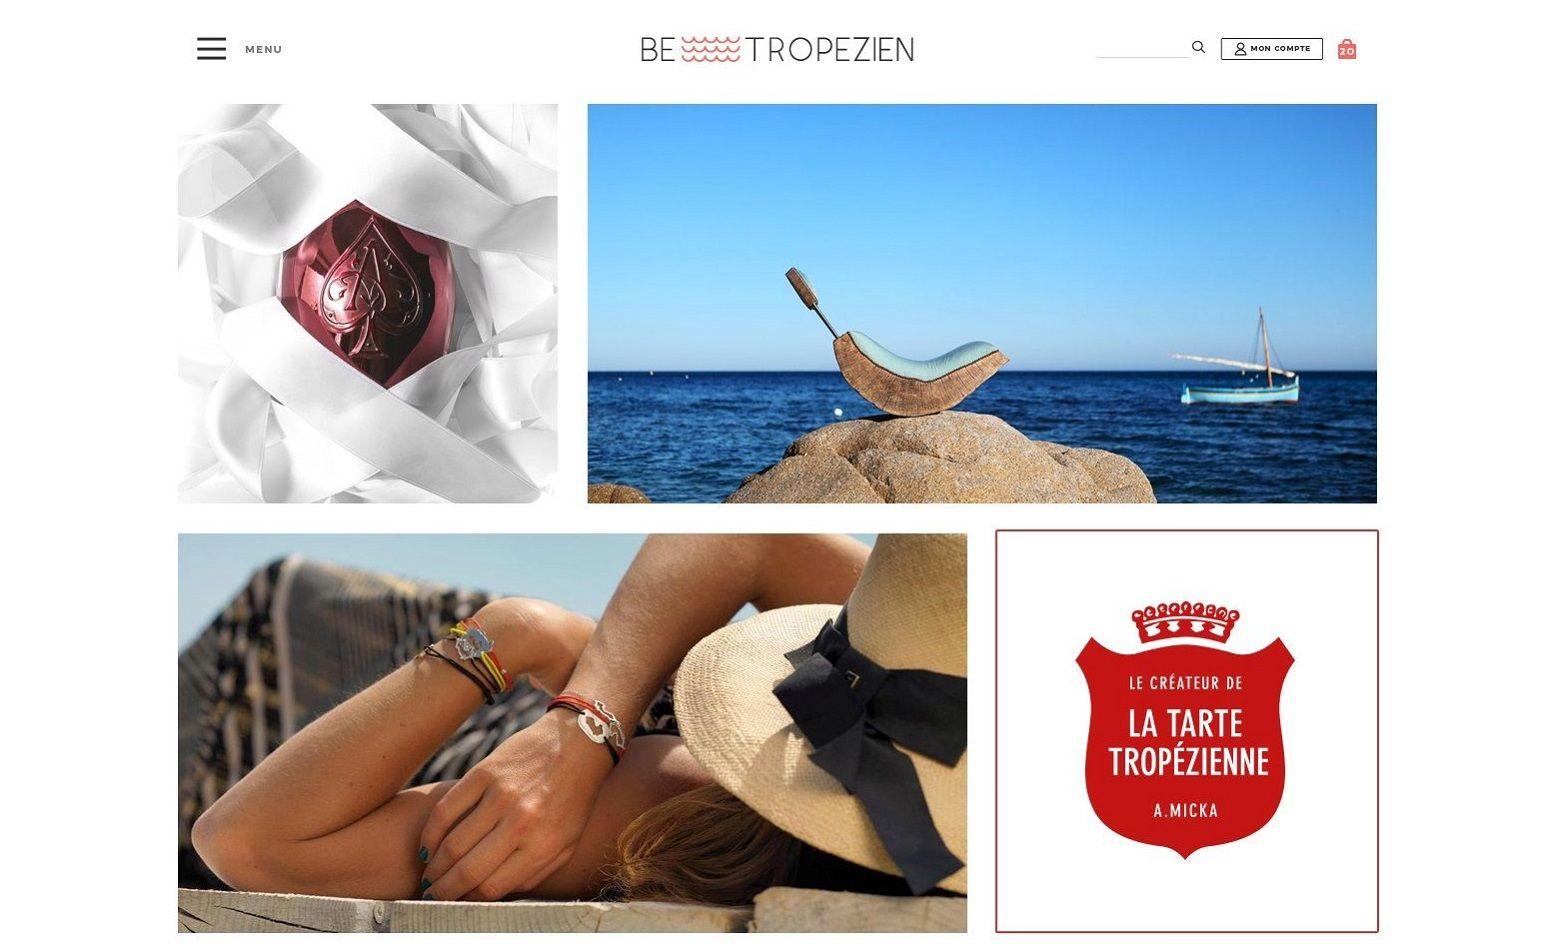 Conseil en communication et marketing e-commerce, expert PrestaShop, design de la boutique en ligne de luxe BeTropezien et publicité magazine